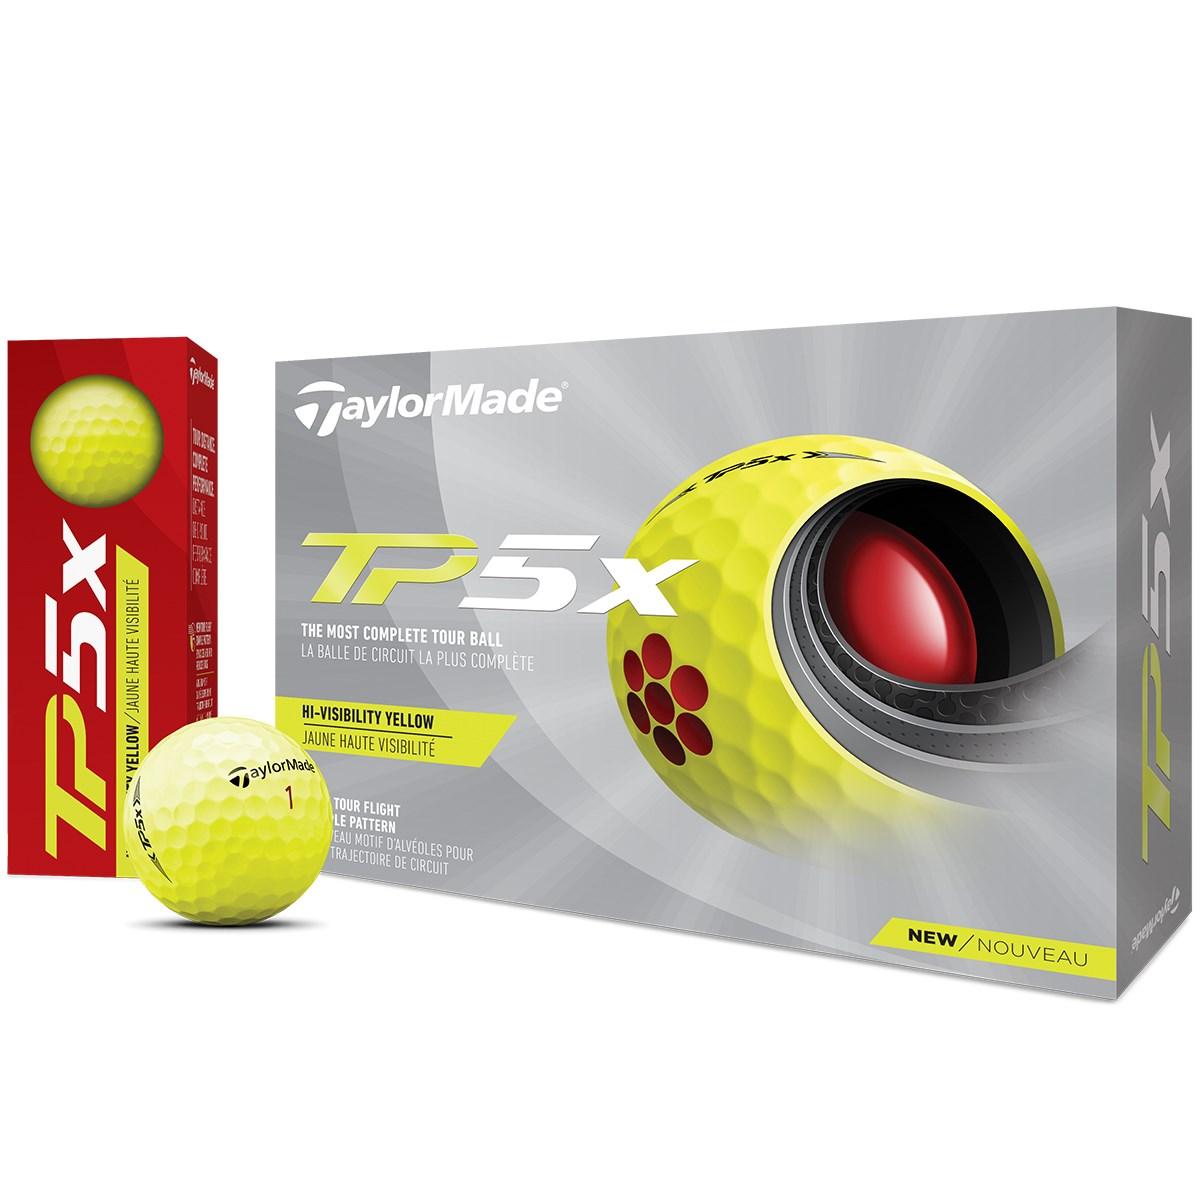 テーラーメイド TP TP5x ボール 1ダース(12個入り) イエロー